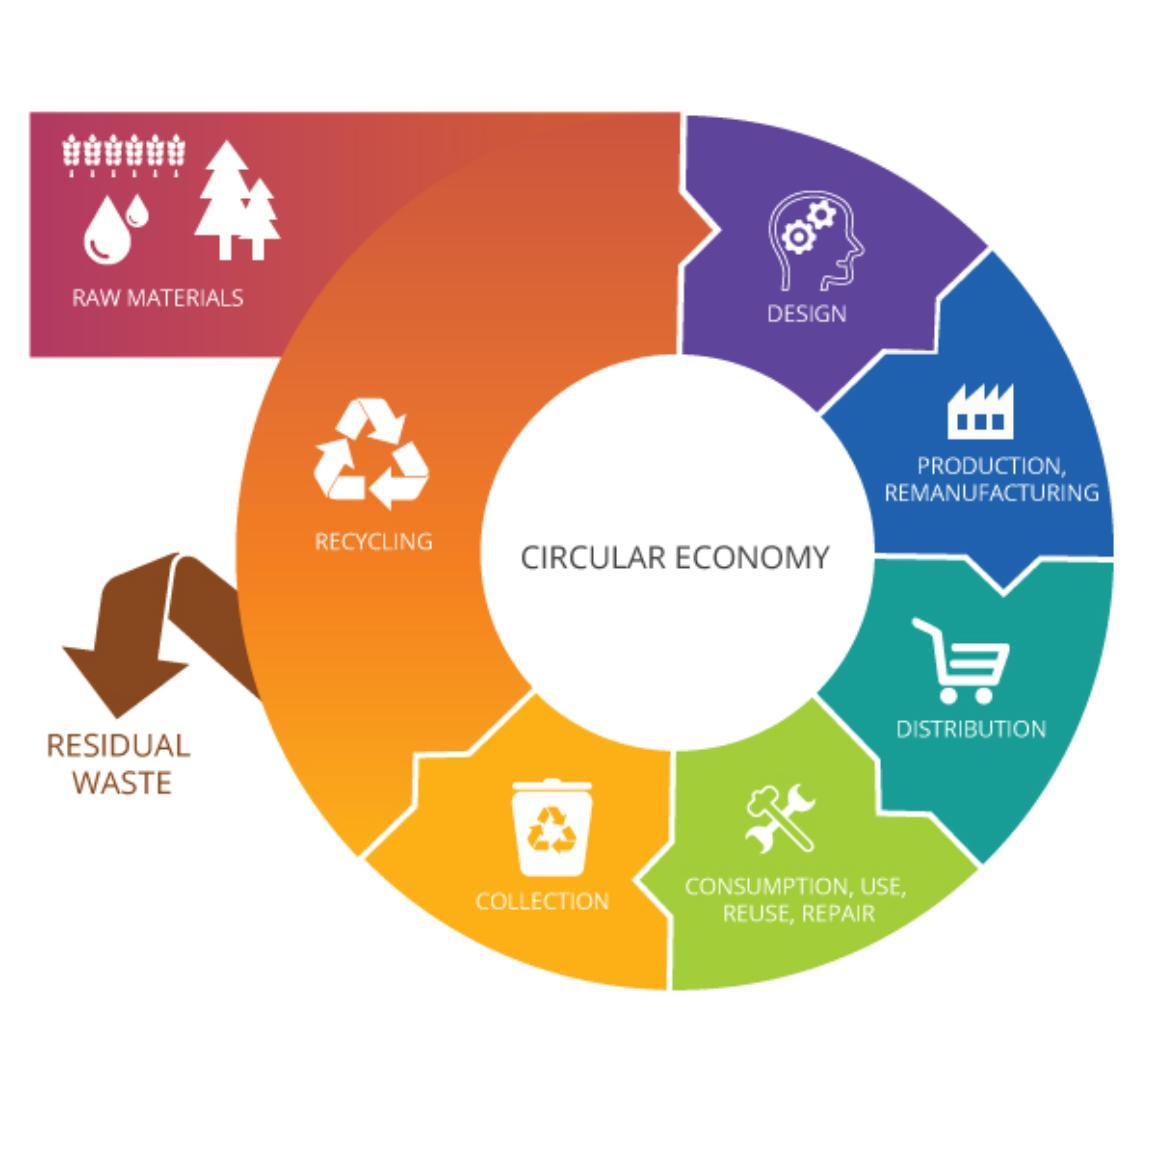 Das Kreisdiagramm zeigt die Funktionsweise der Kreislaufwirtschaft